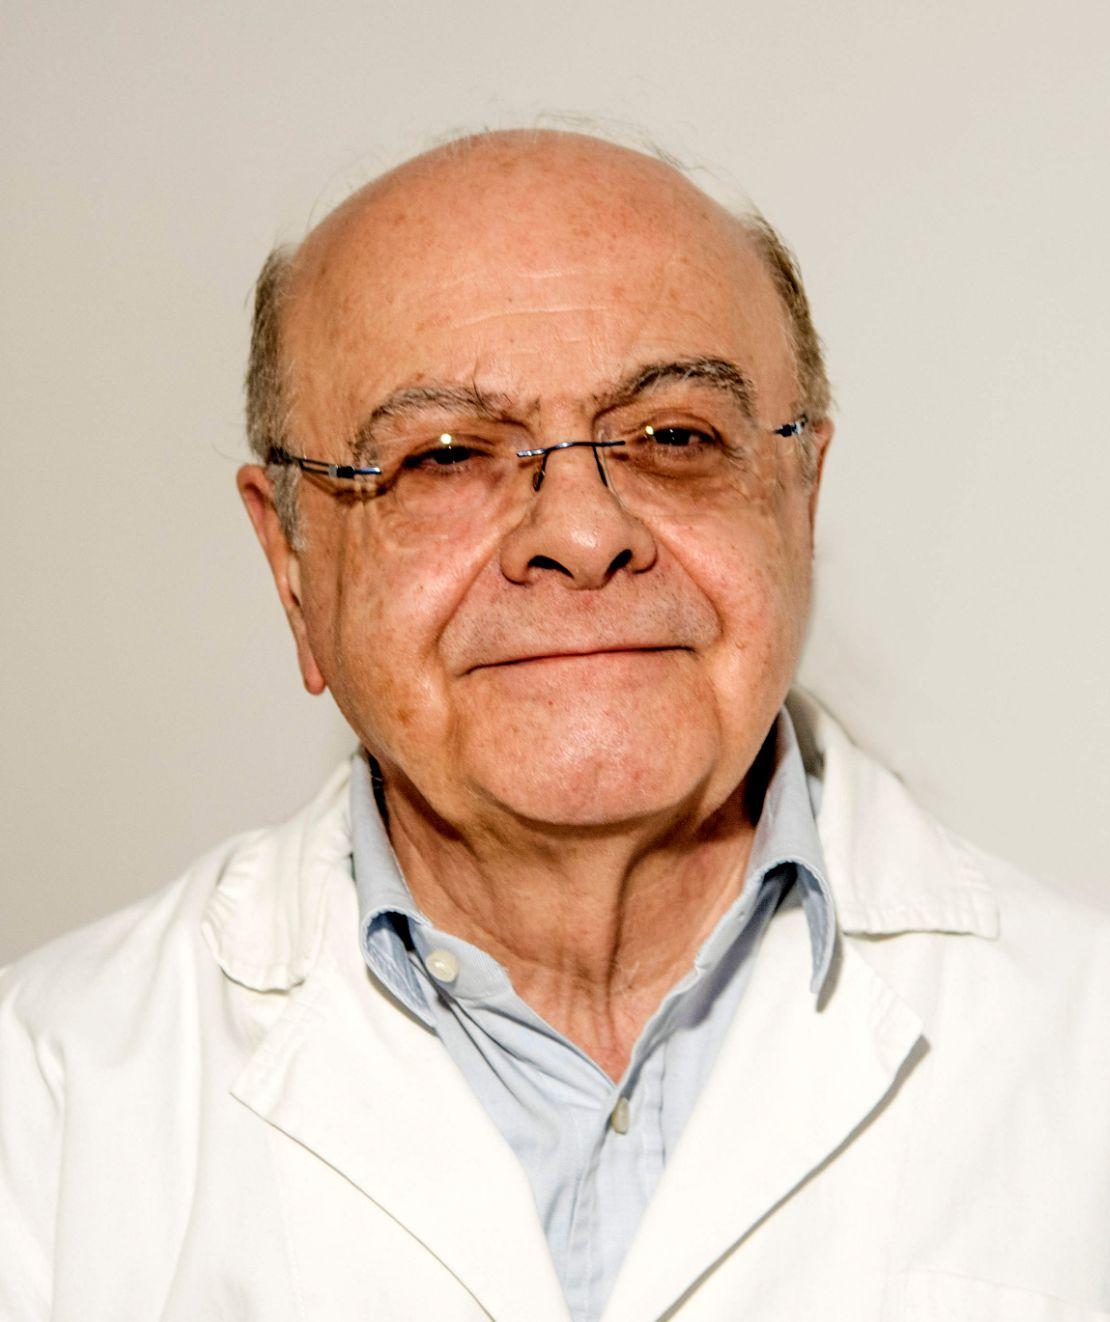 Mauro Preziosa